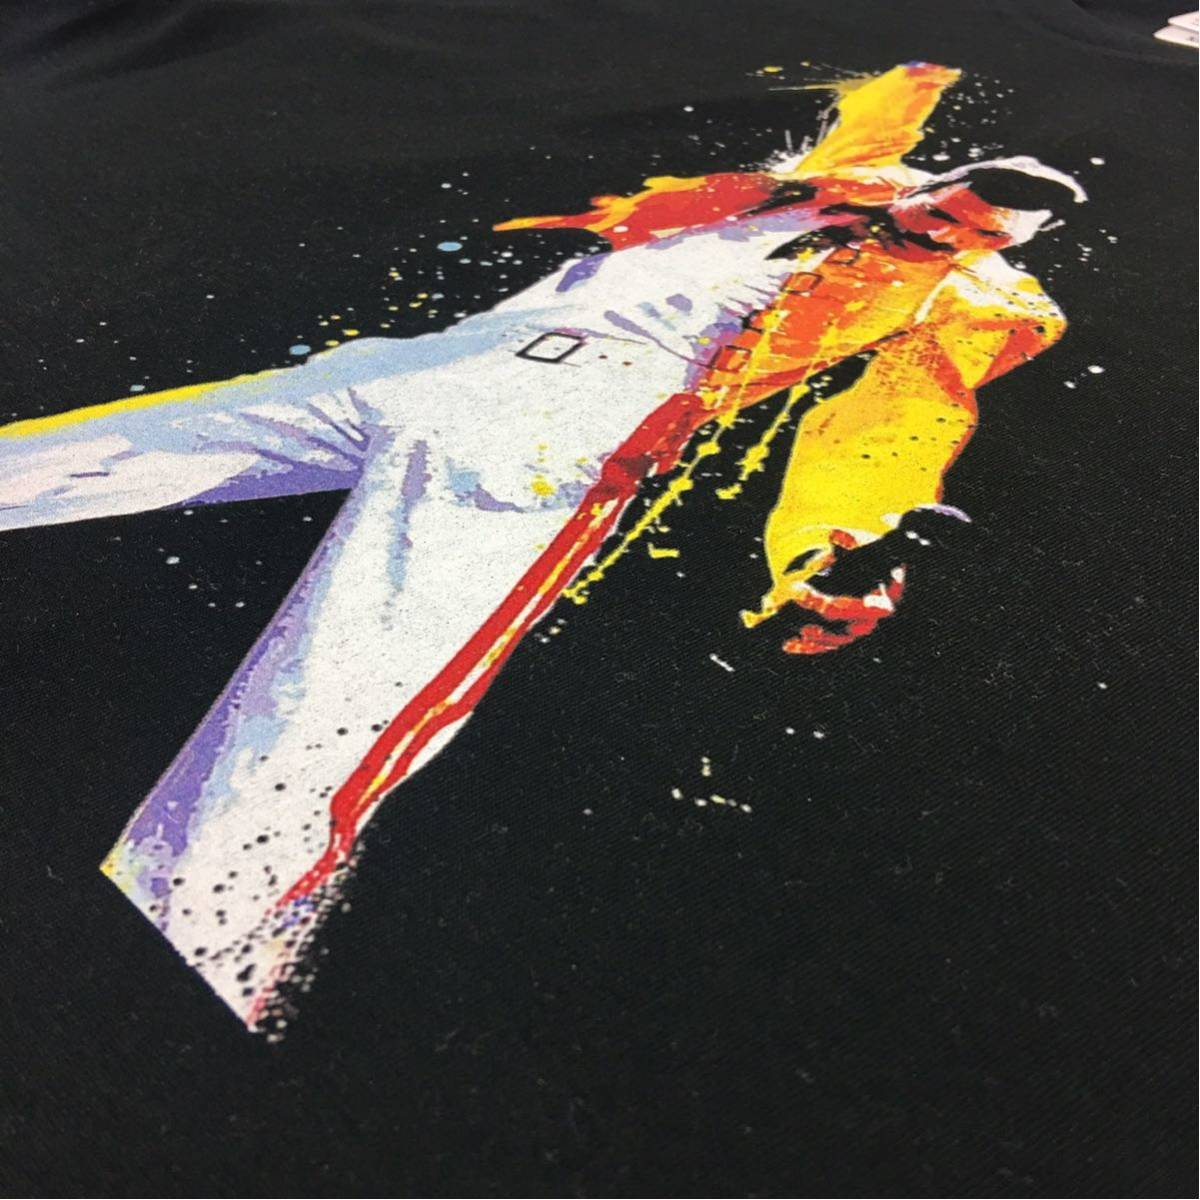 新品 大きい オーバー サイズ XXL 3XL 4XL 5XL 対応 クイーン フレディマーキュリー ボヘミアンラプソディ ビッグ 黒 Tシャツ ロンT 可能_画像8